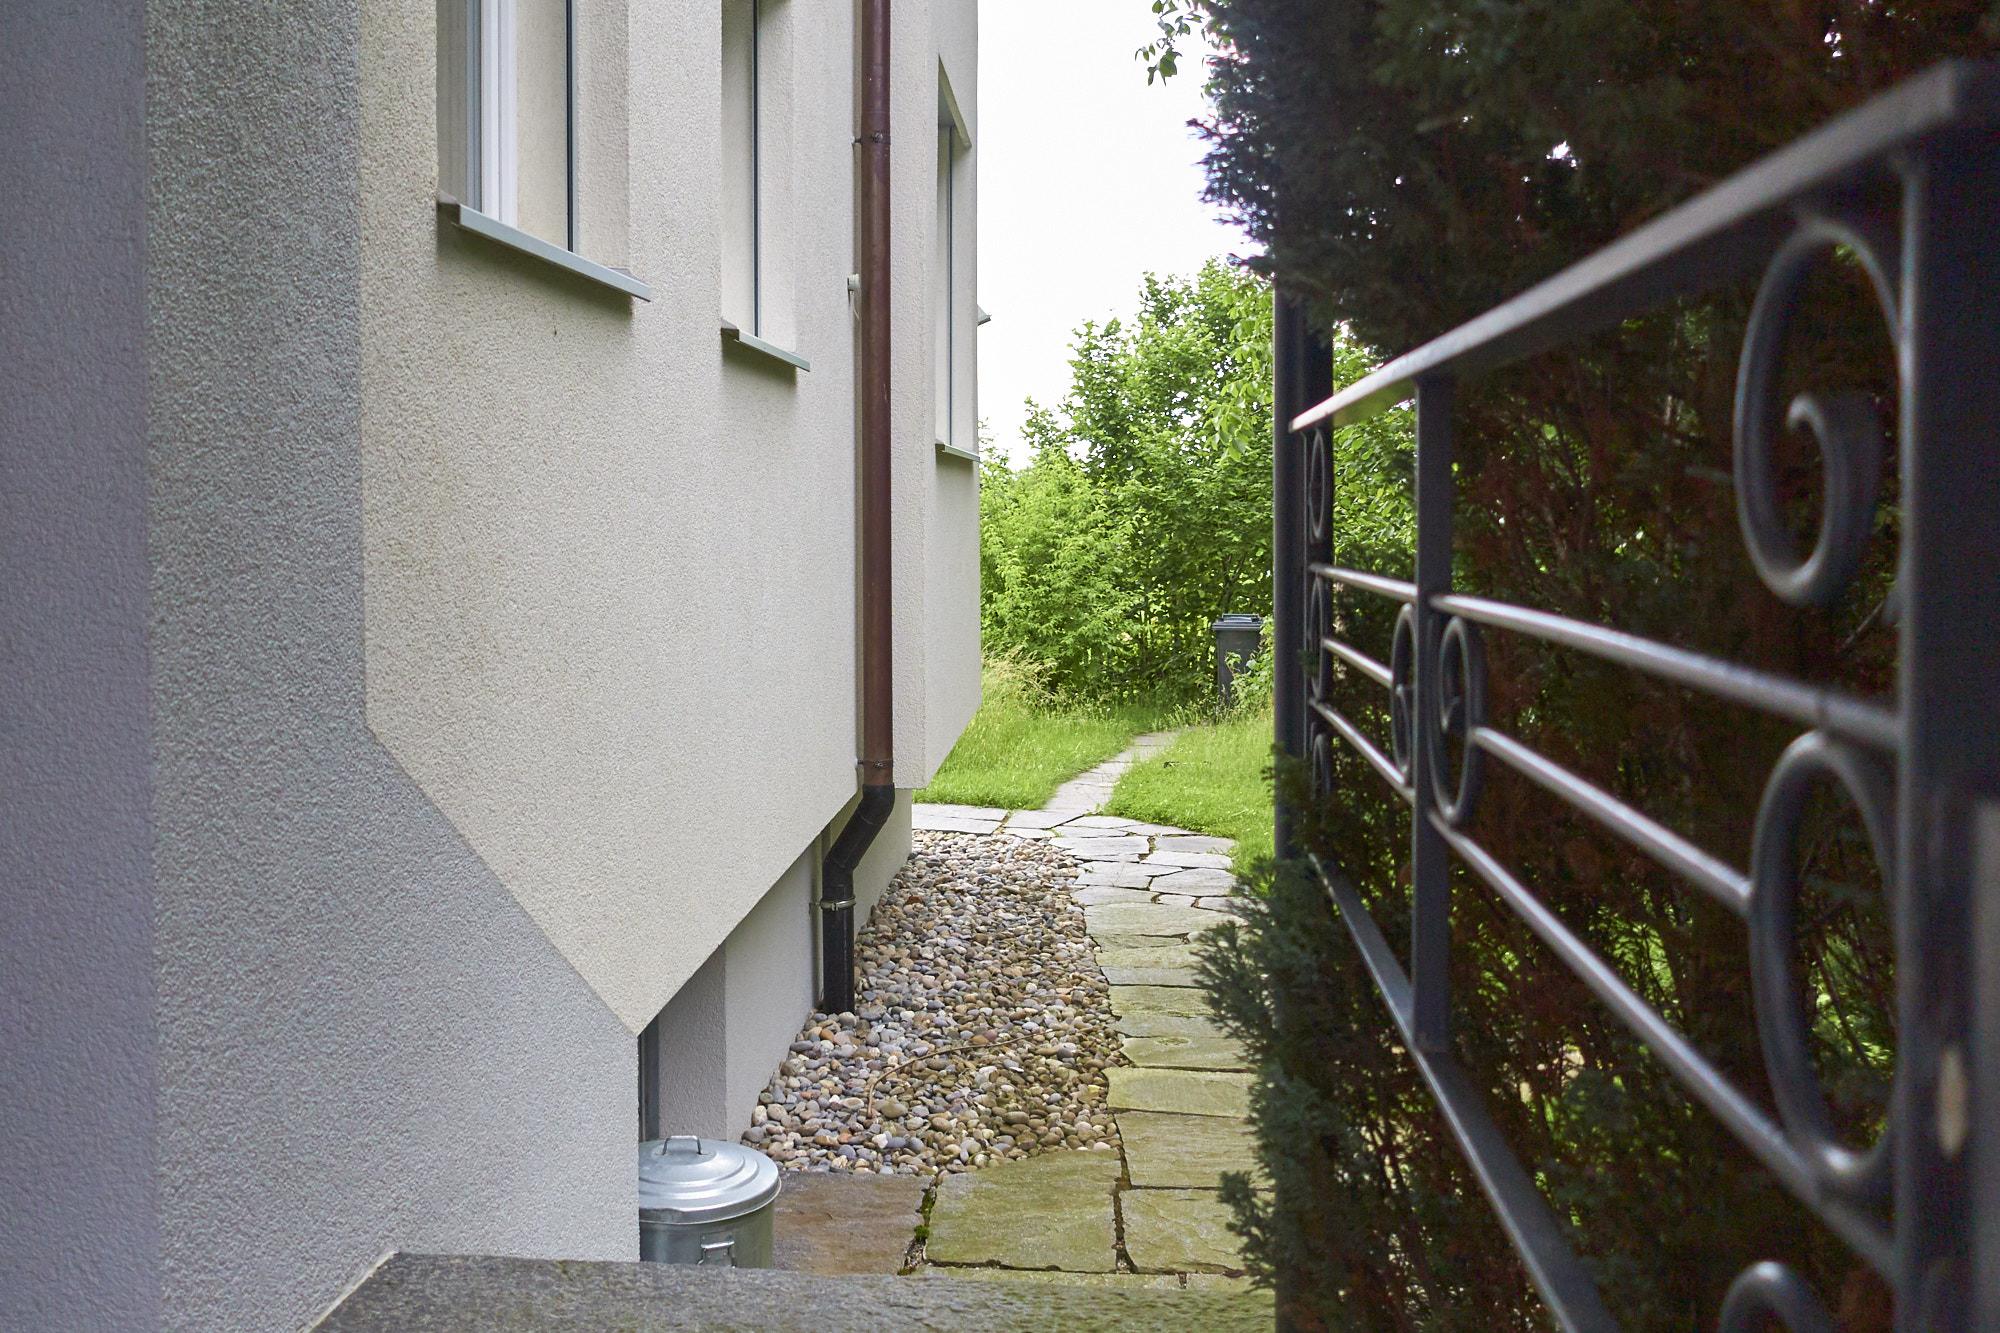 Wer ein Haus kauft, tut dies in der Regel nur einmal. Die Erfahrung fehlt, wie im Fall eines Wohnungskaufs in Binningen.